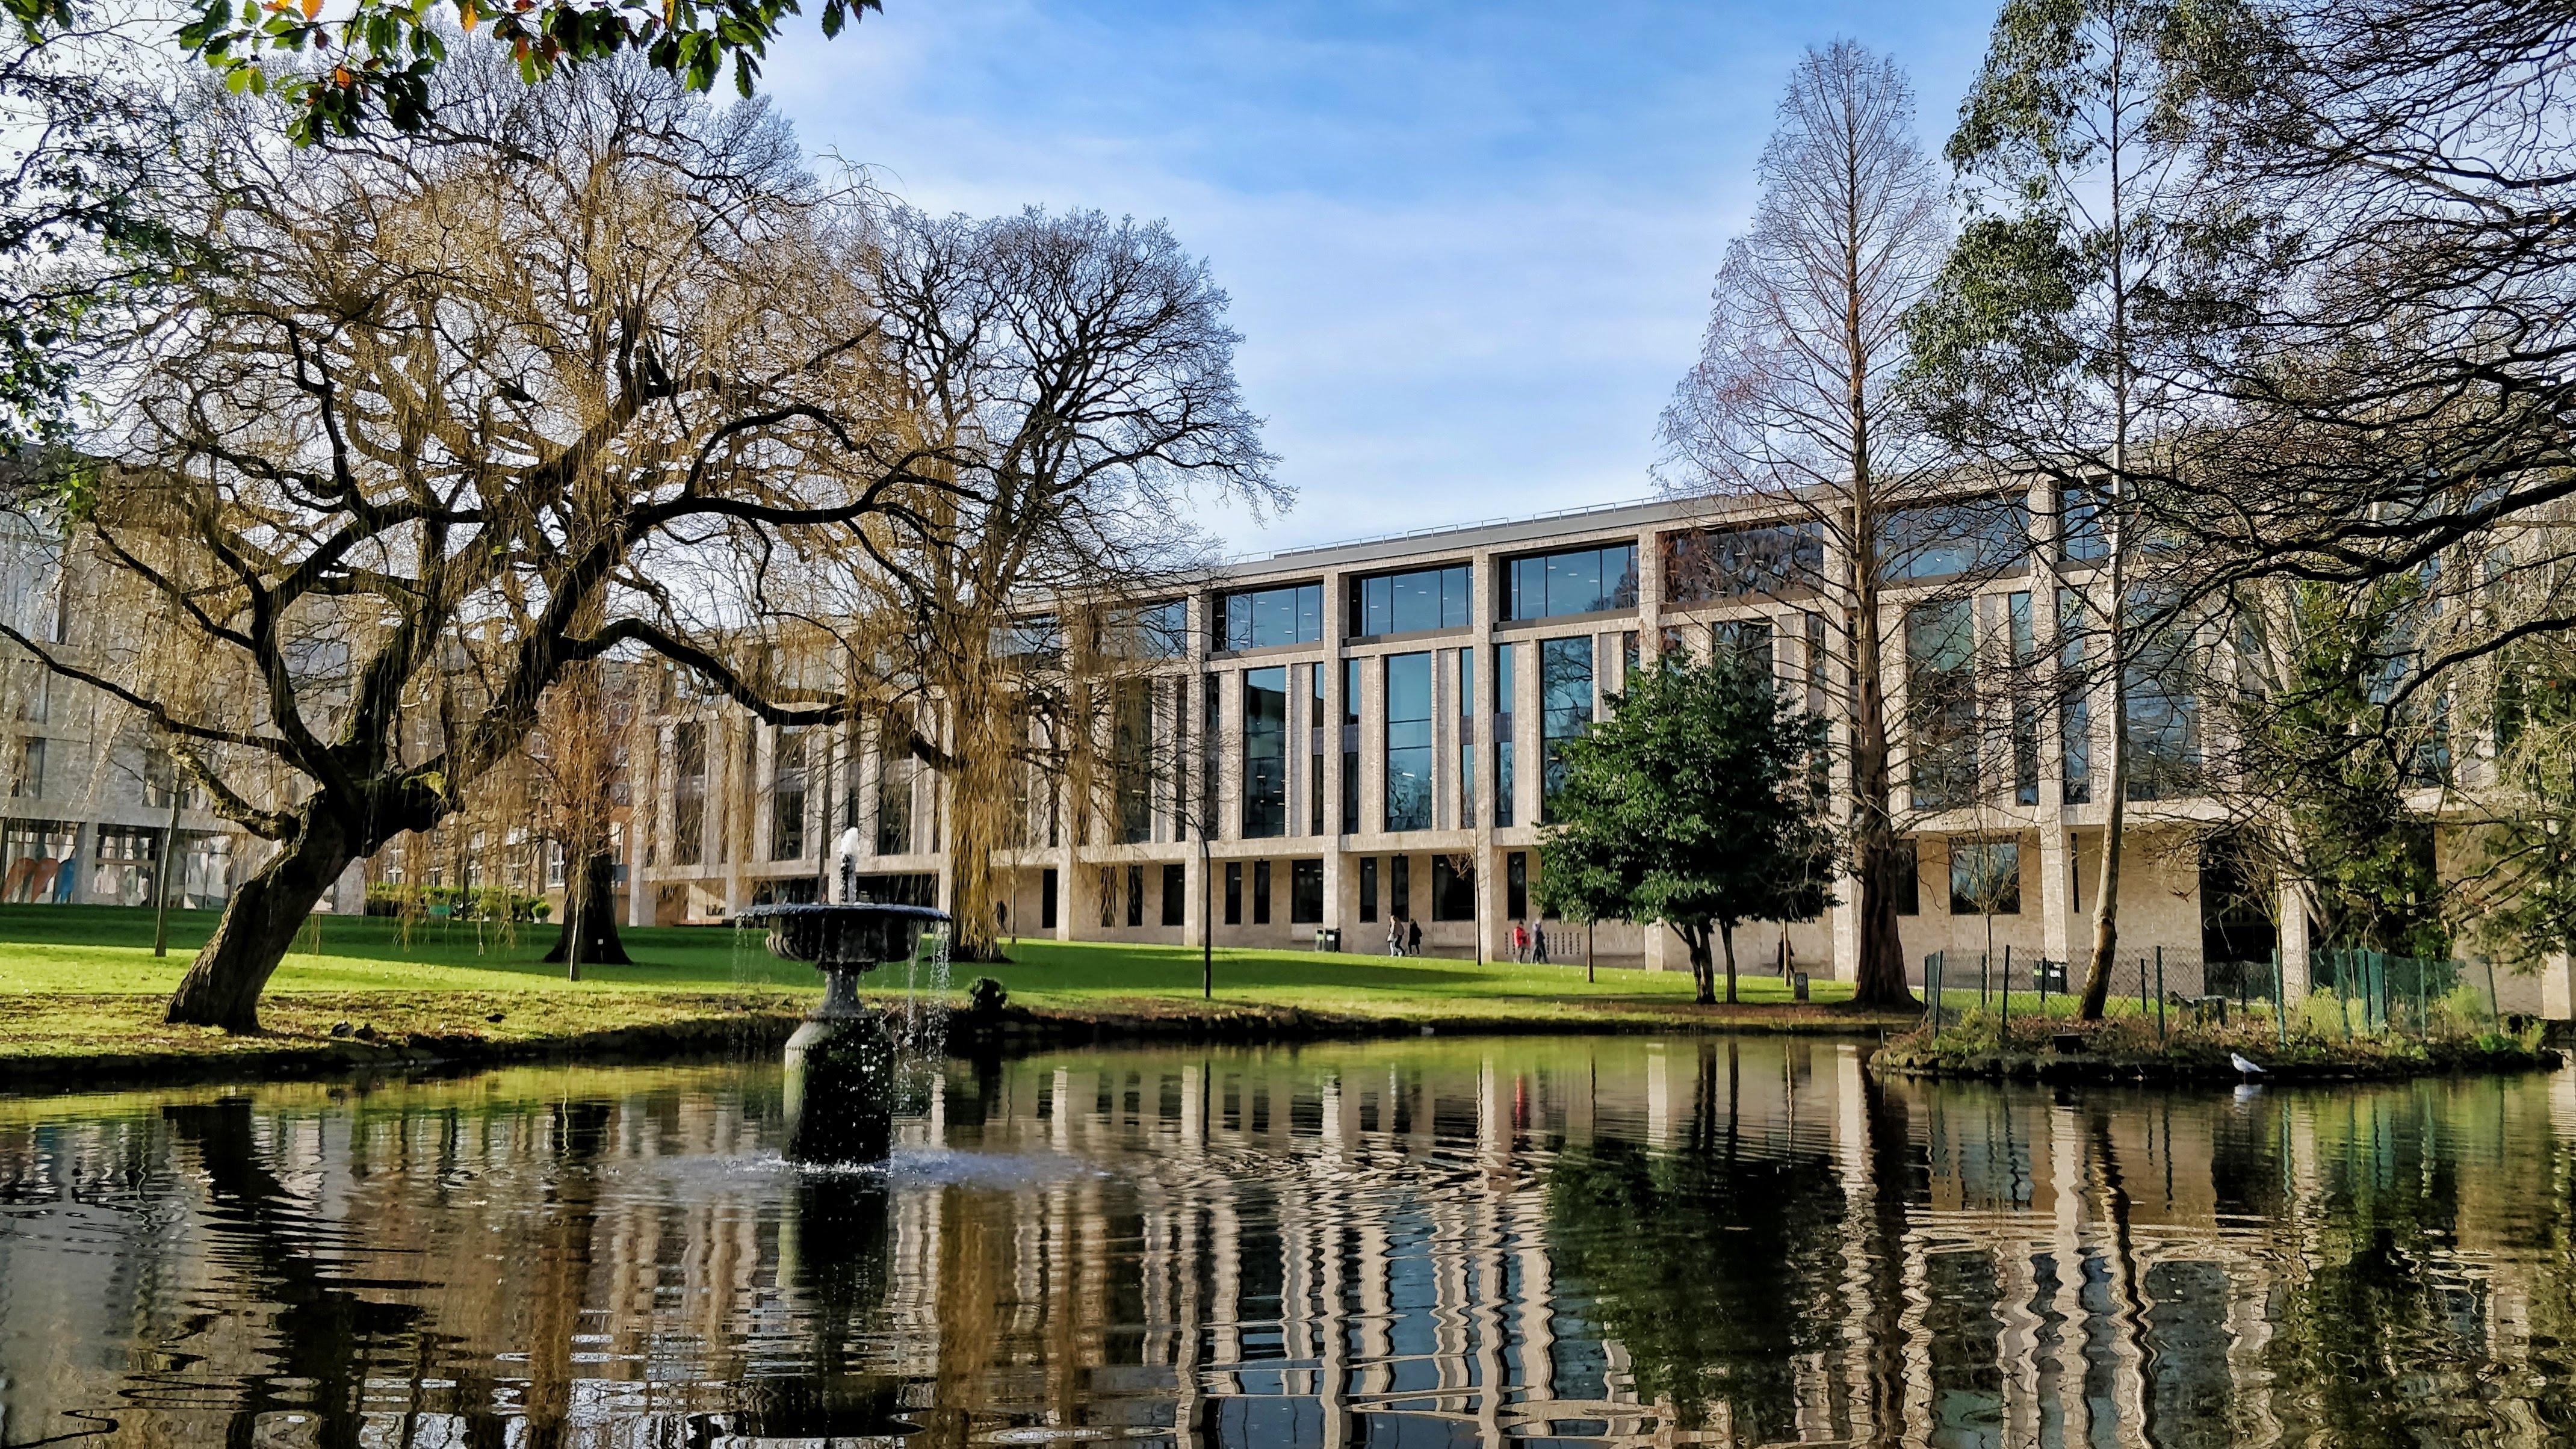 roehamption university